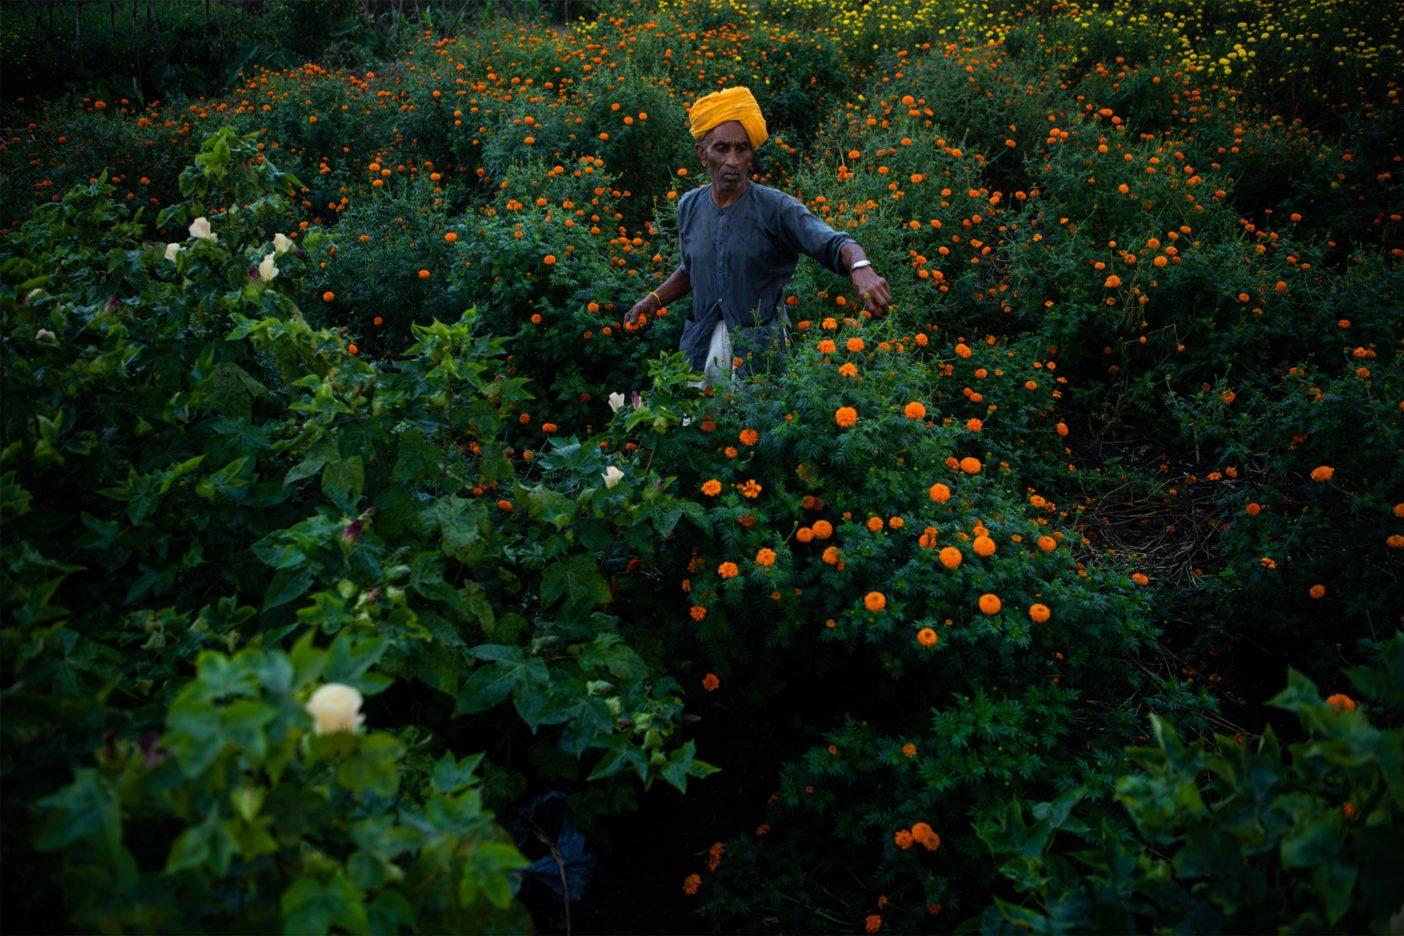 コットンと一緒に植えられたマリーゴールドを畑から摘むアムラトラル・チョガラル・パティダール。害虫を引きつける効果があるマリーゴールドは、祝祭事に重要な花でもあるため、その売り上げは農家の収入の足しとなる。Photo:Hashim Badani